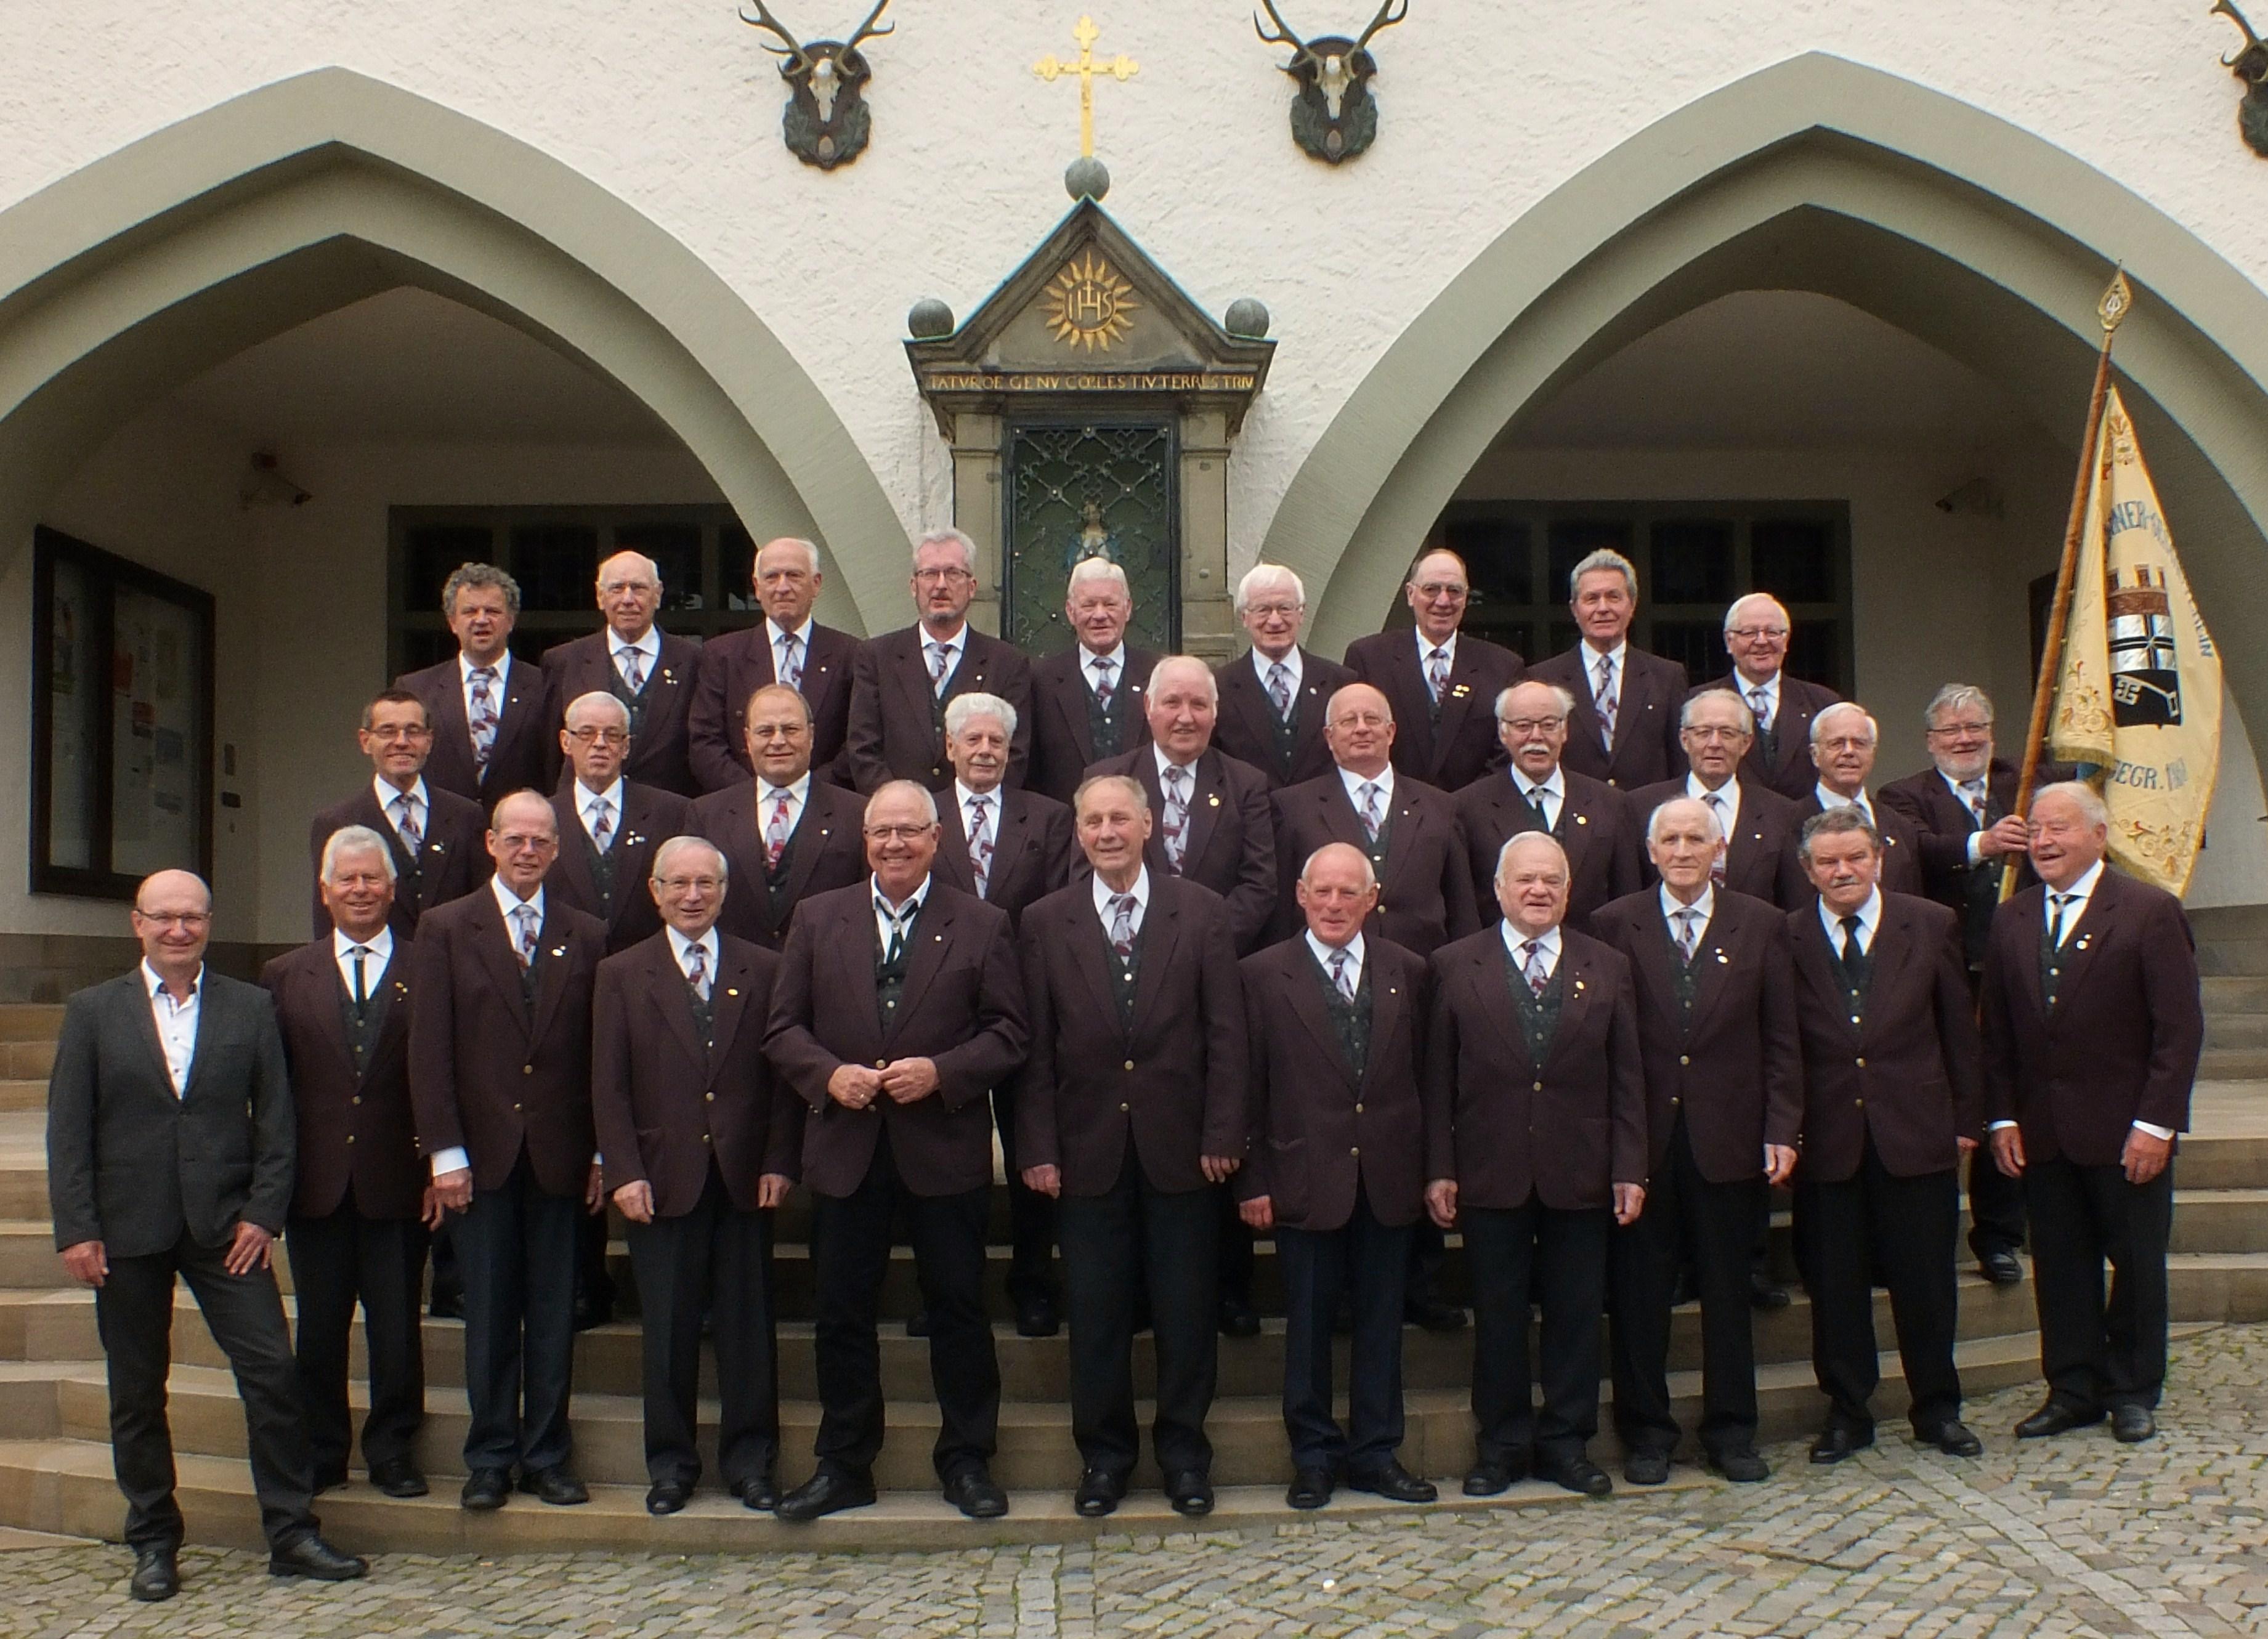 Der Männerchor im Jubiläumsjahr 2018